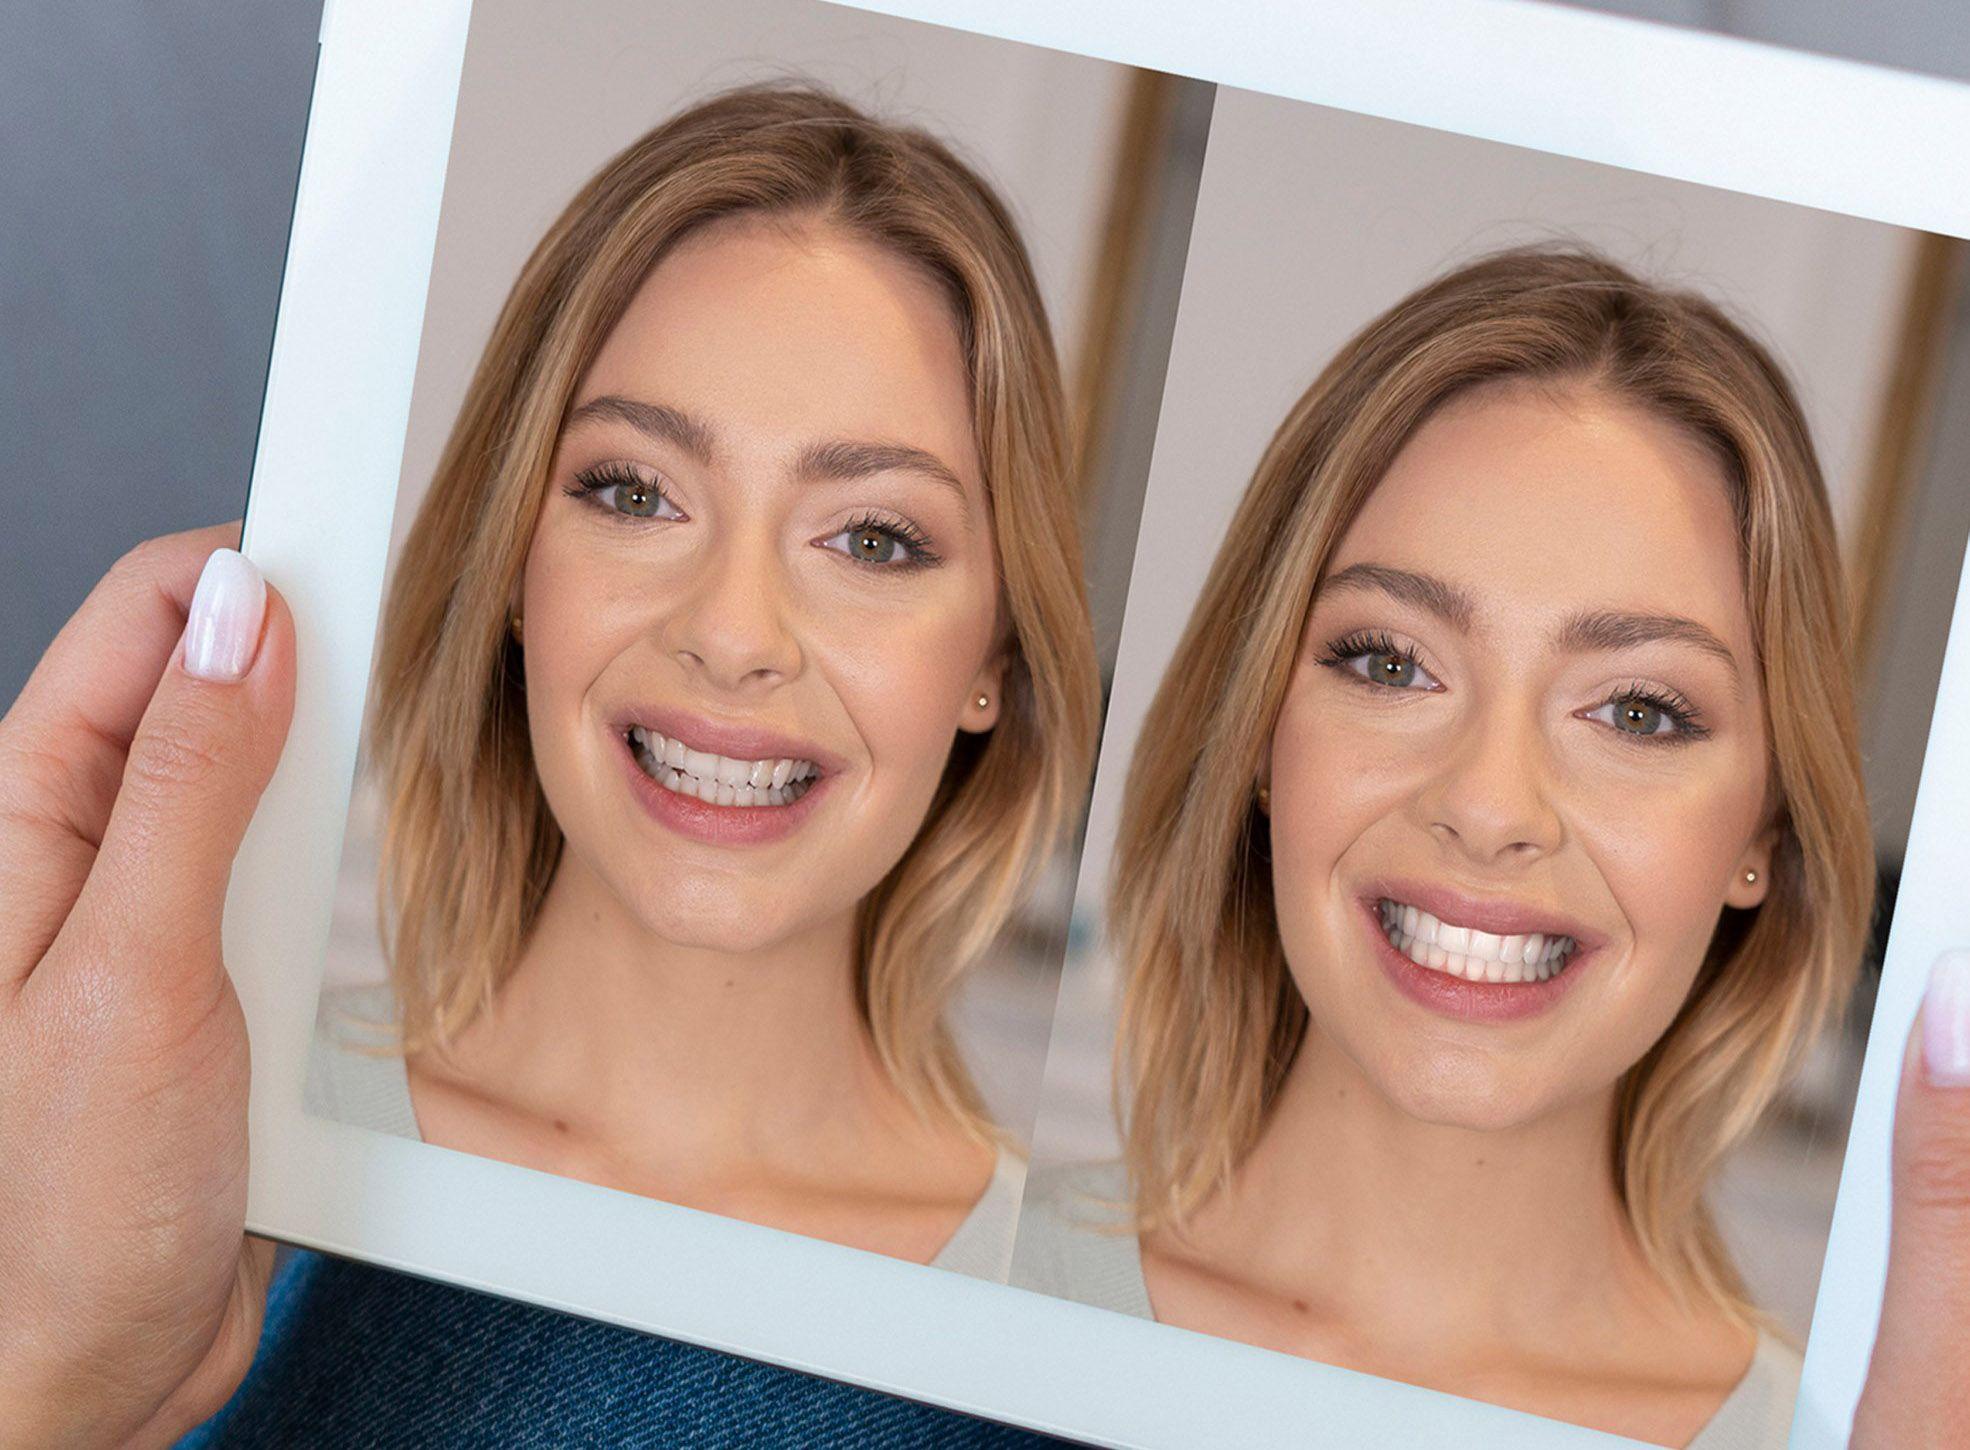 Las simulaciones virtuales de sonrisa en Vigo permiten conocer el resultado definitivo de un tratamiento dental incluso antes de iniciarlo